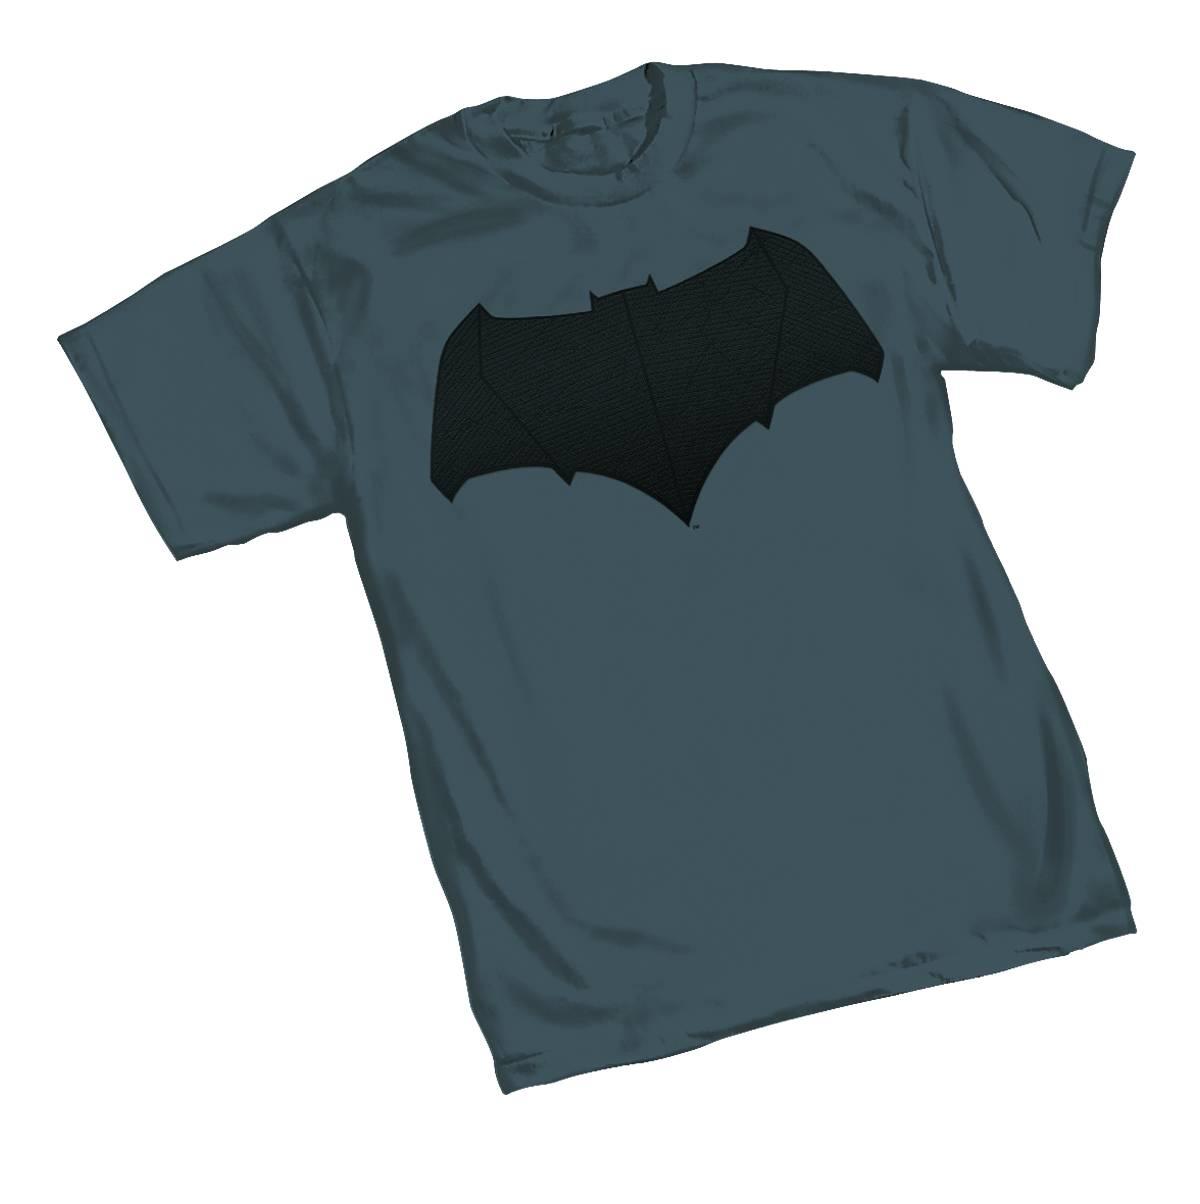 B V S Batman Symbol T Shirt Small